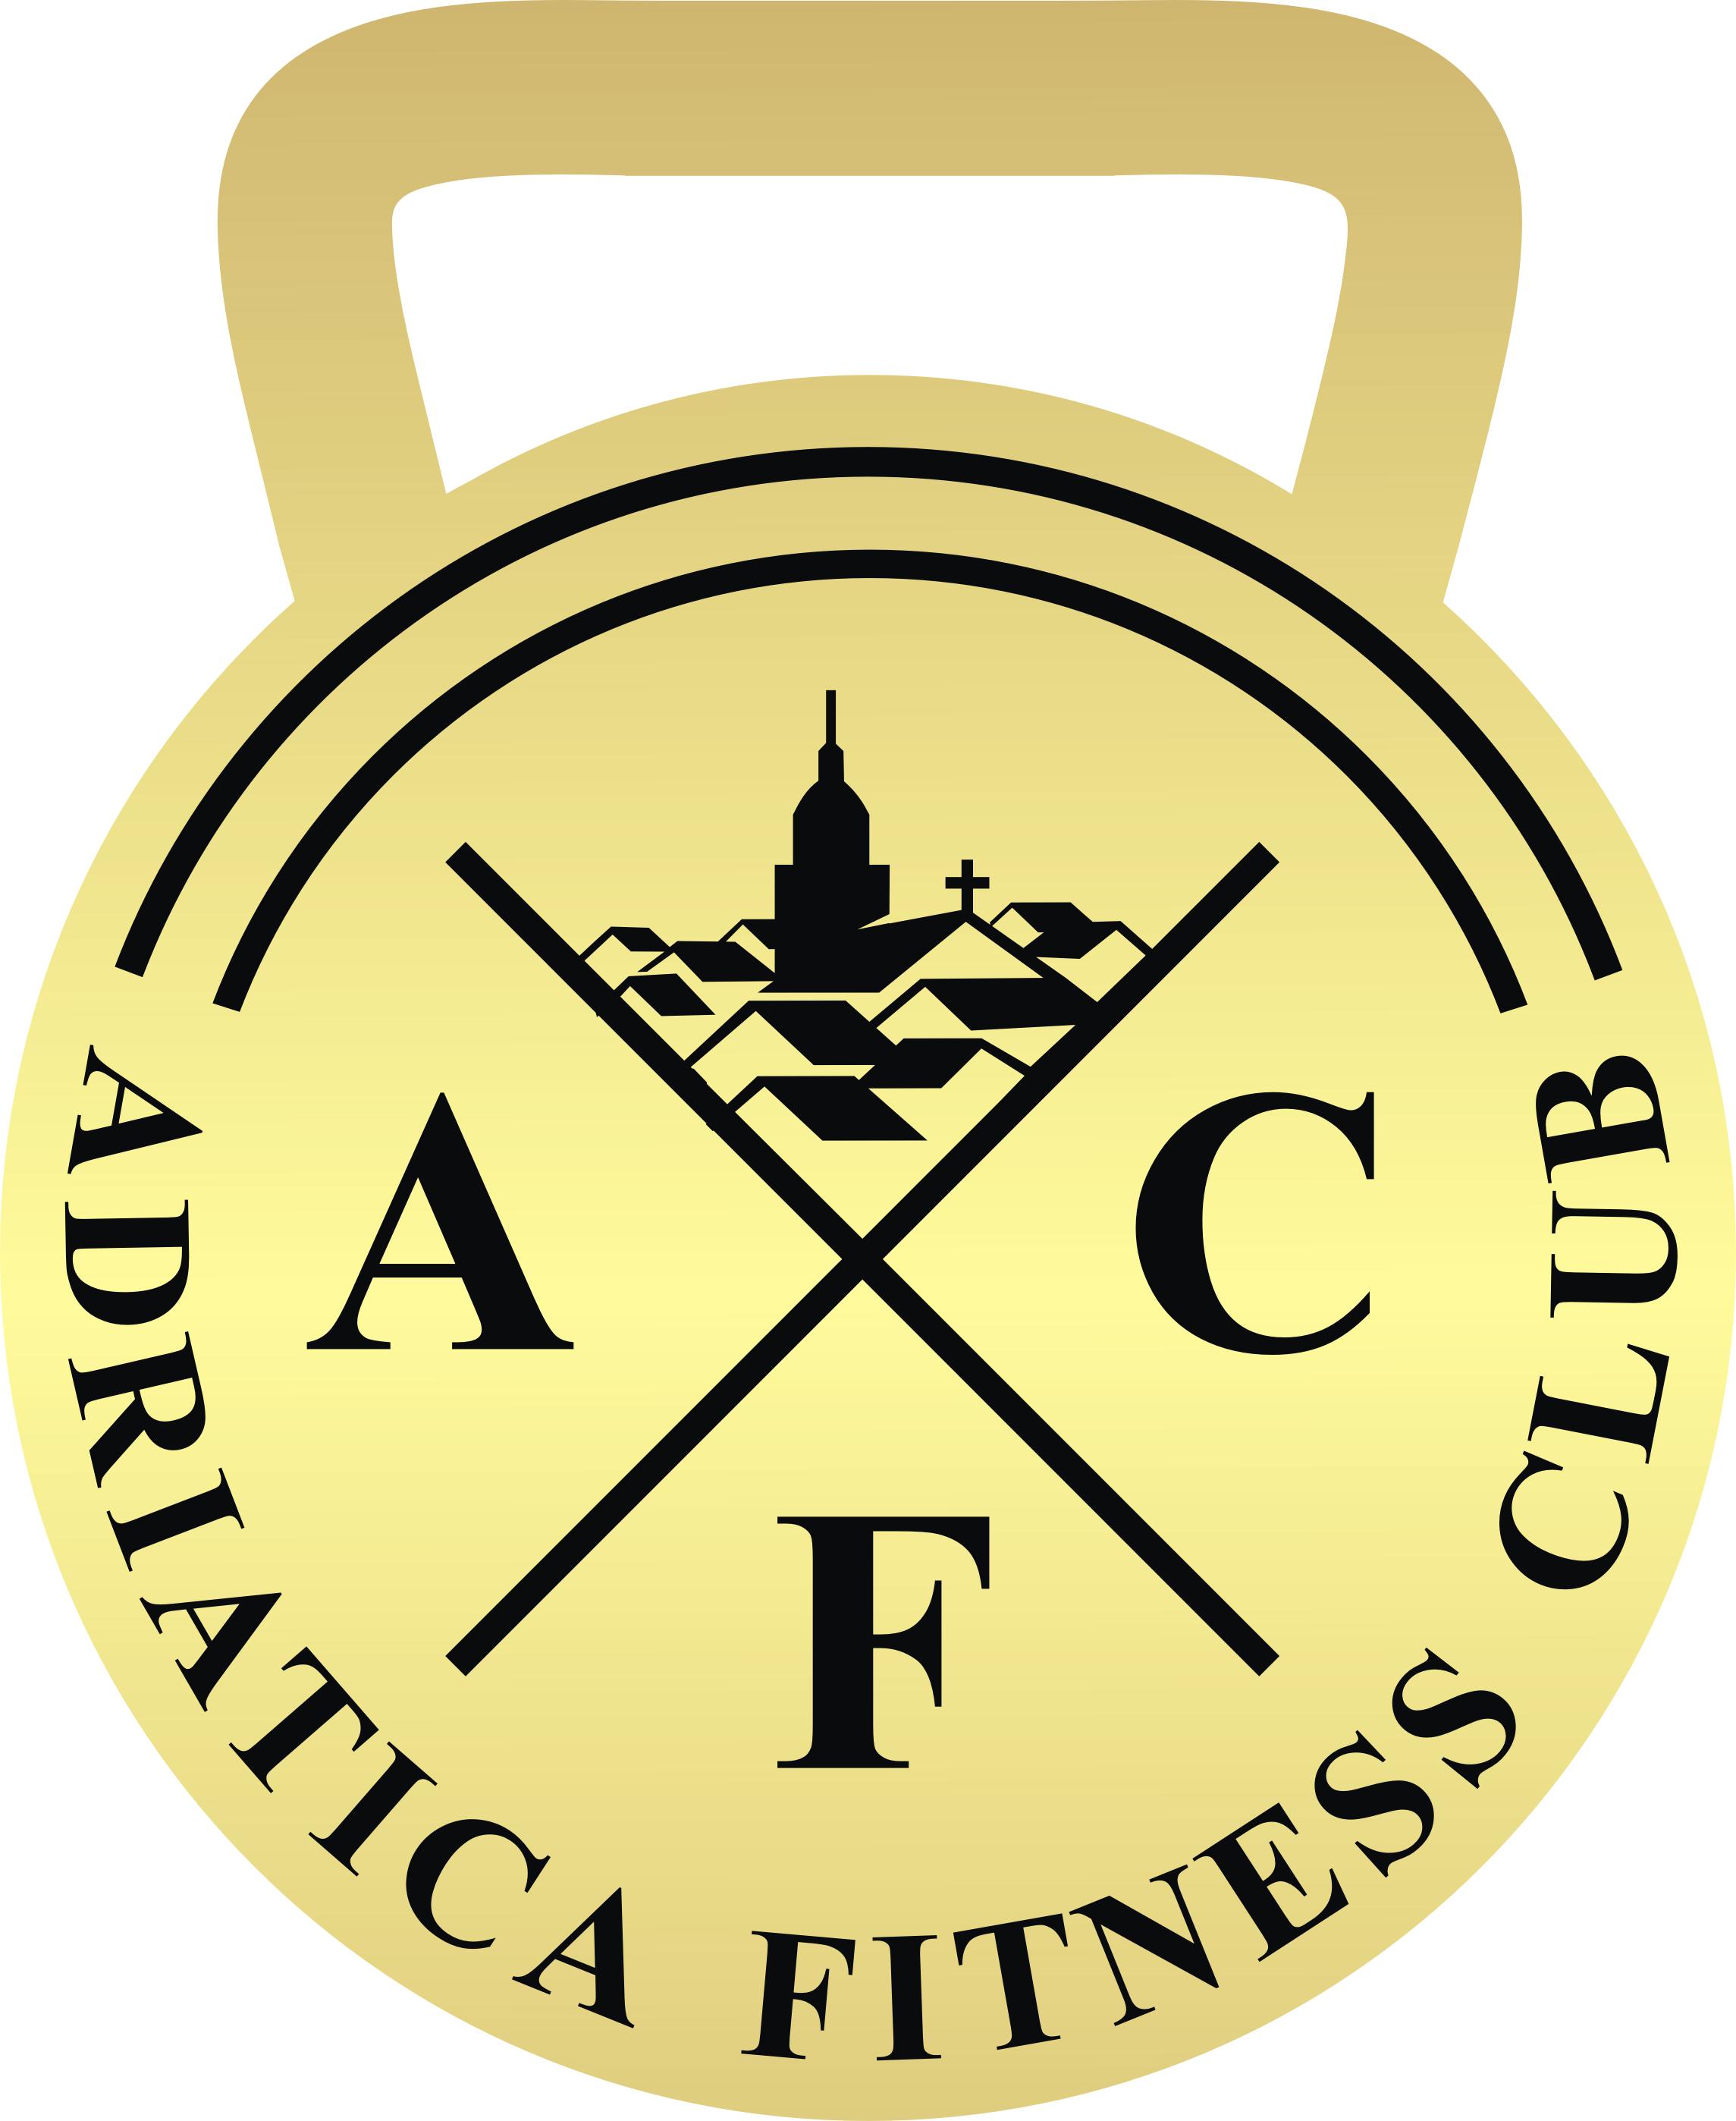 Adriatica Fitness Club